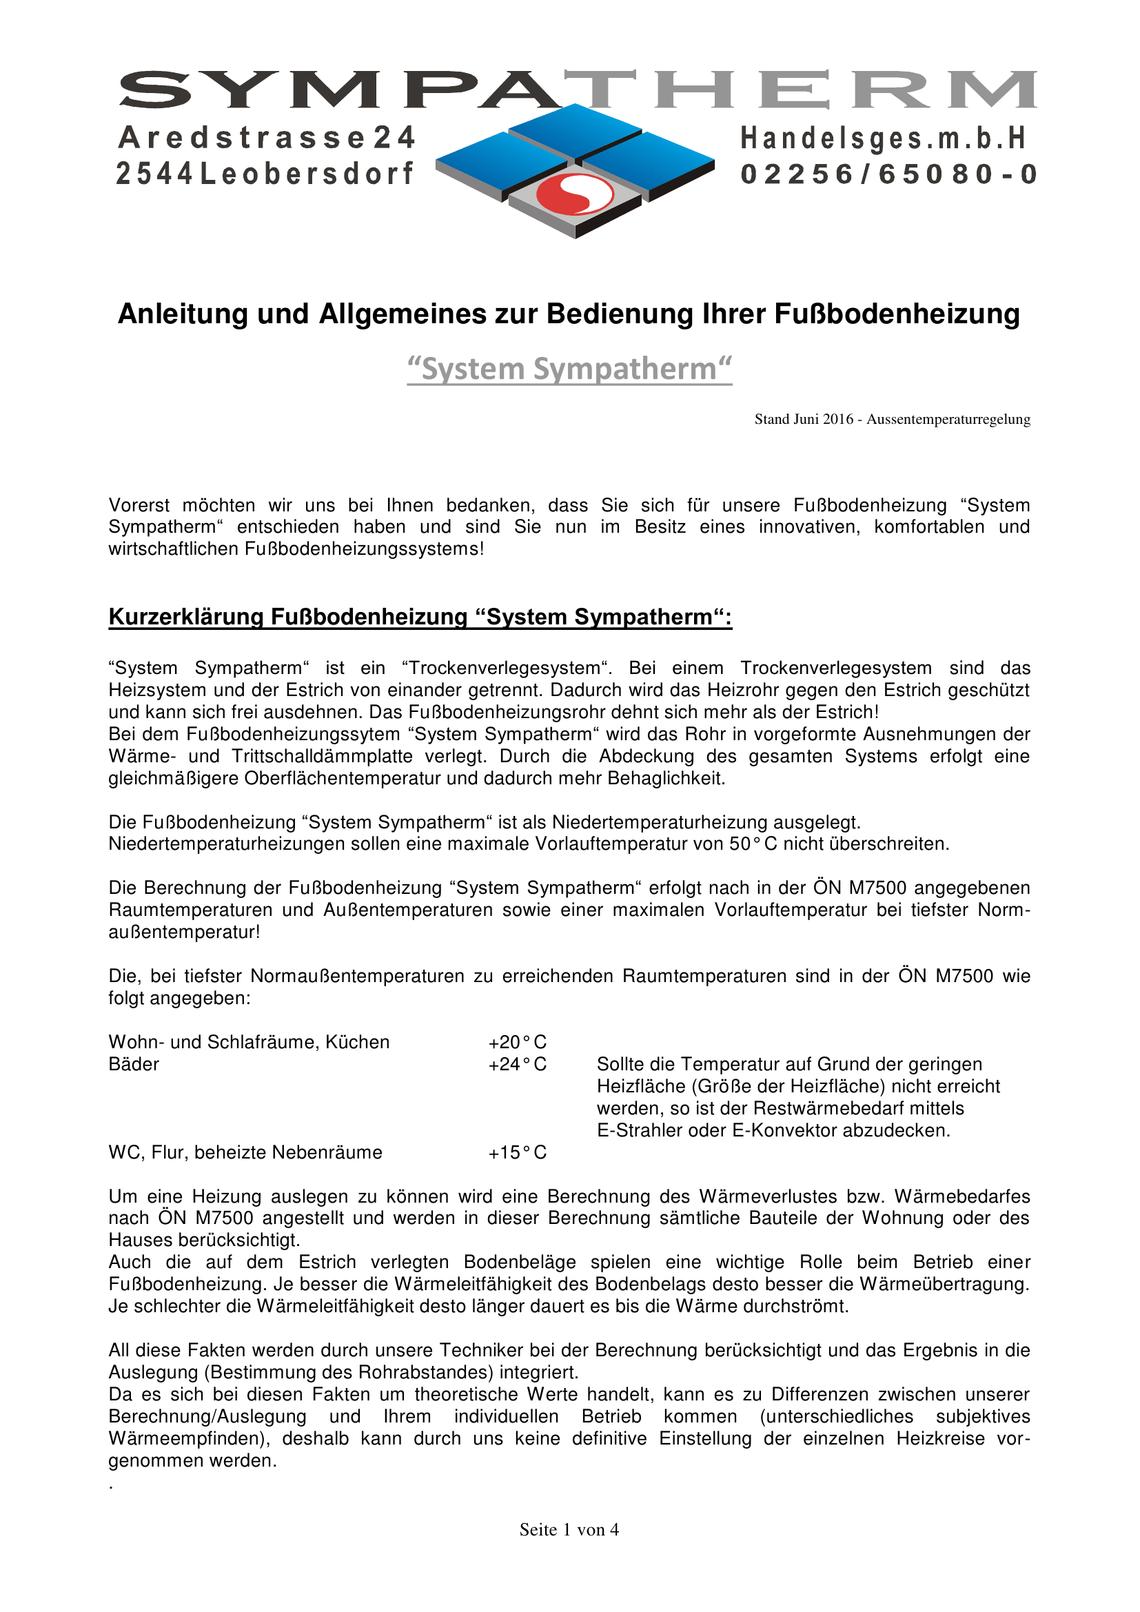 Fussbodenheizung Sympatherm ATR